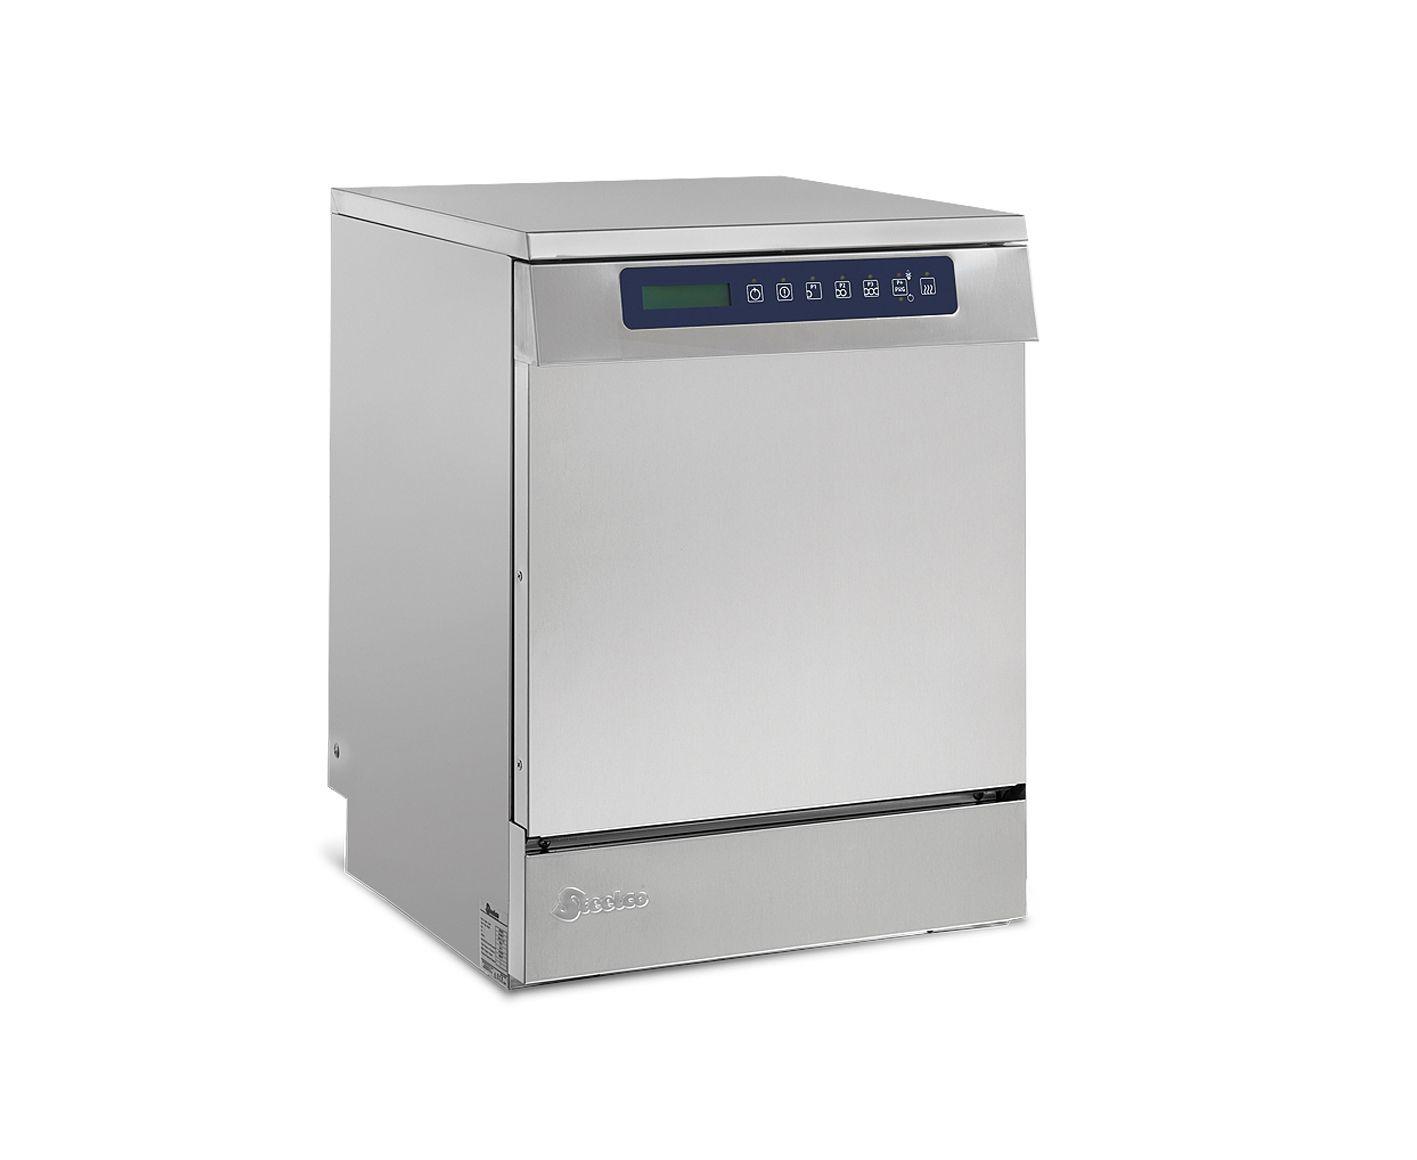 Машина Steelco DS 500 SCL для предстерилизационной обработки с 3-мя автоматическими дозаторами дезсредства